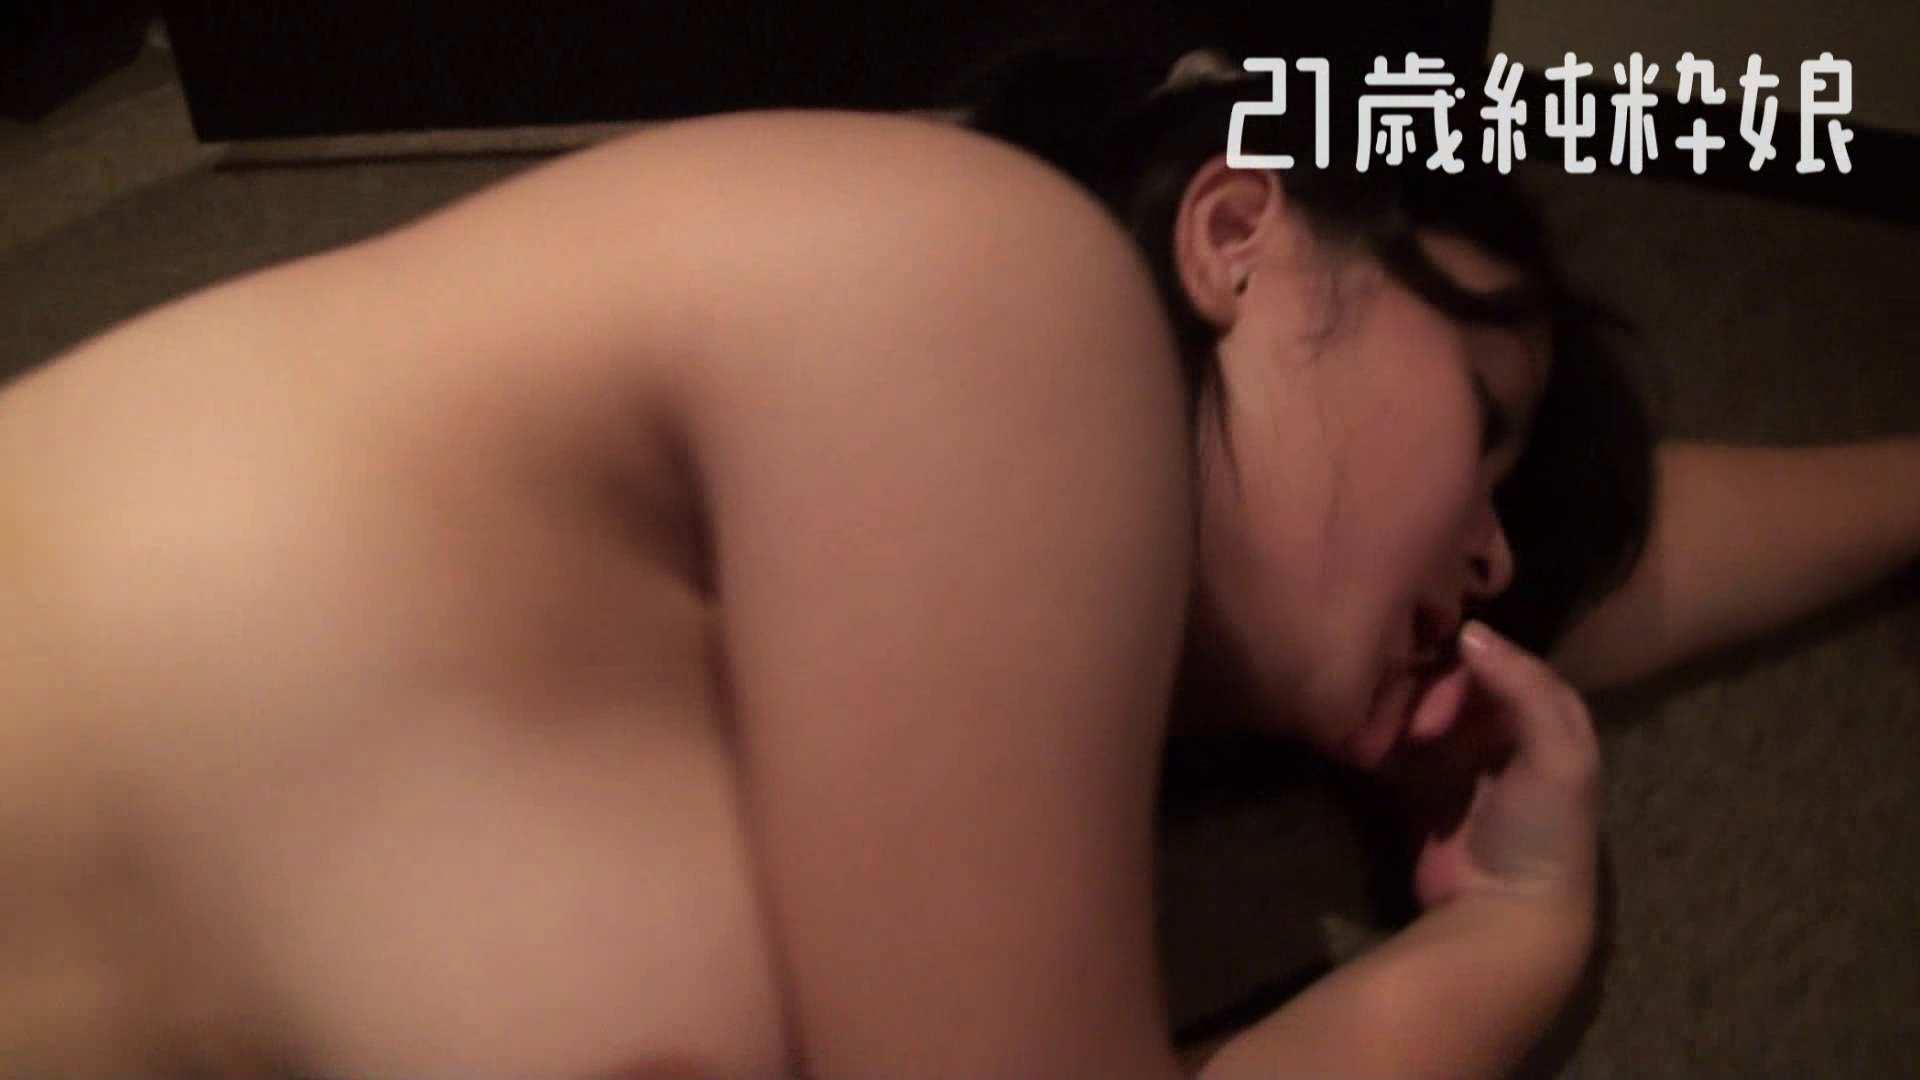 上京したばかりのGカップ21歳純粋嬢を都合の良い女にしてみた2 リアルSEX オメコ無修正動画無料 52PIX 35